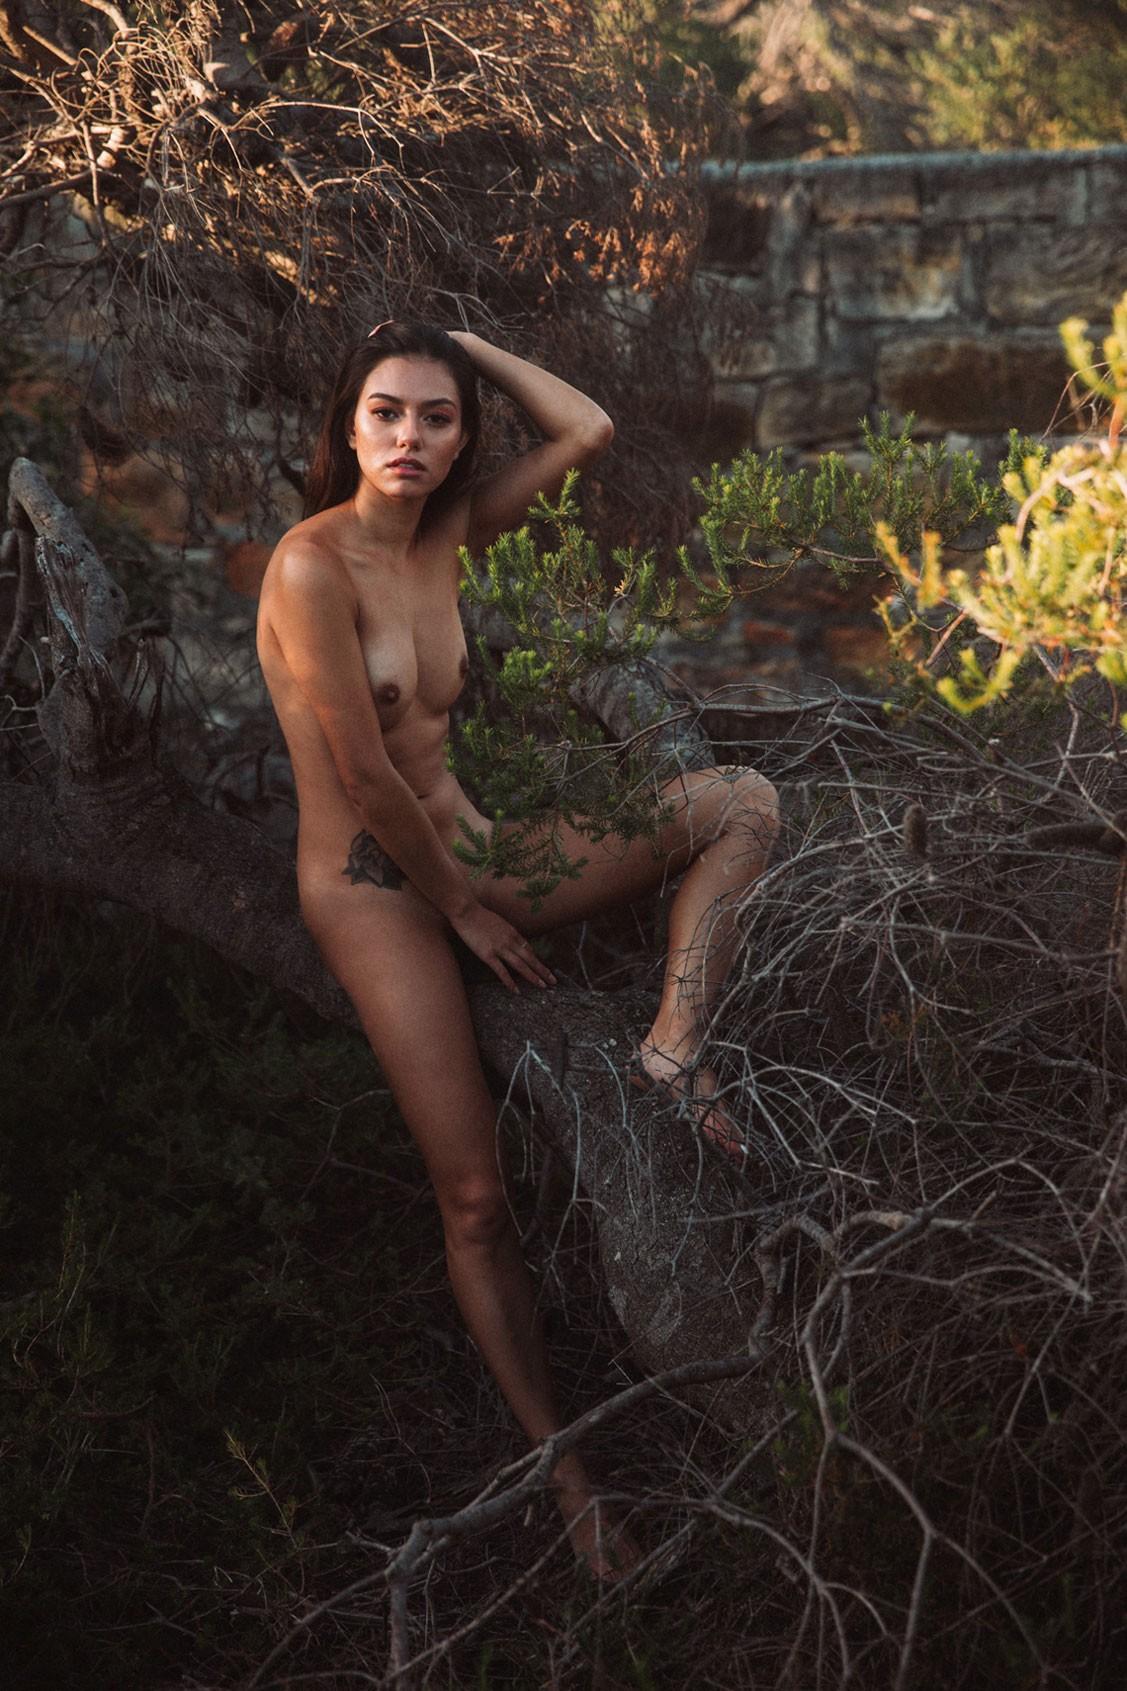 Simone Peres by Xyne Brix Punzalan - Yume Magazine